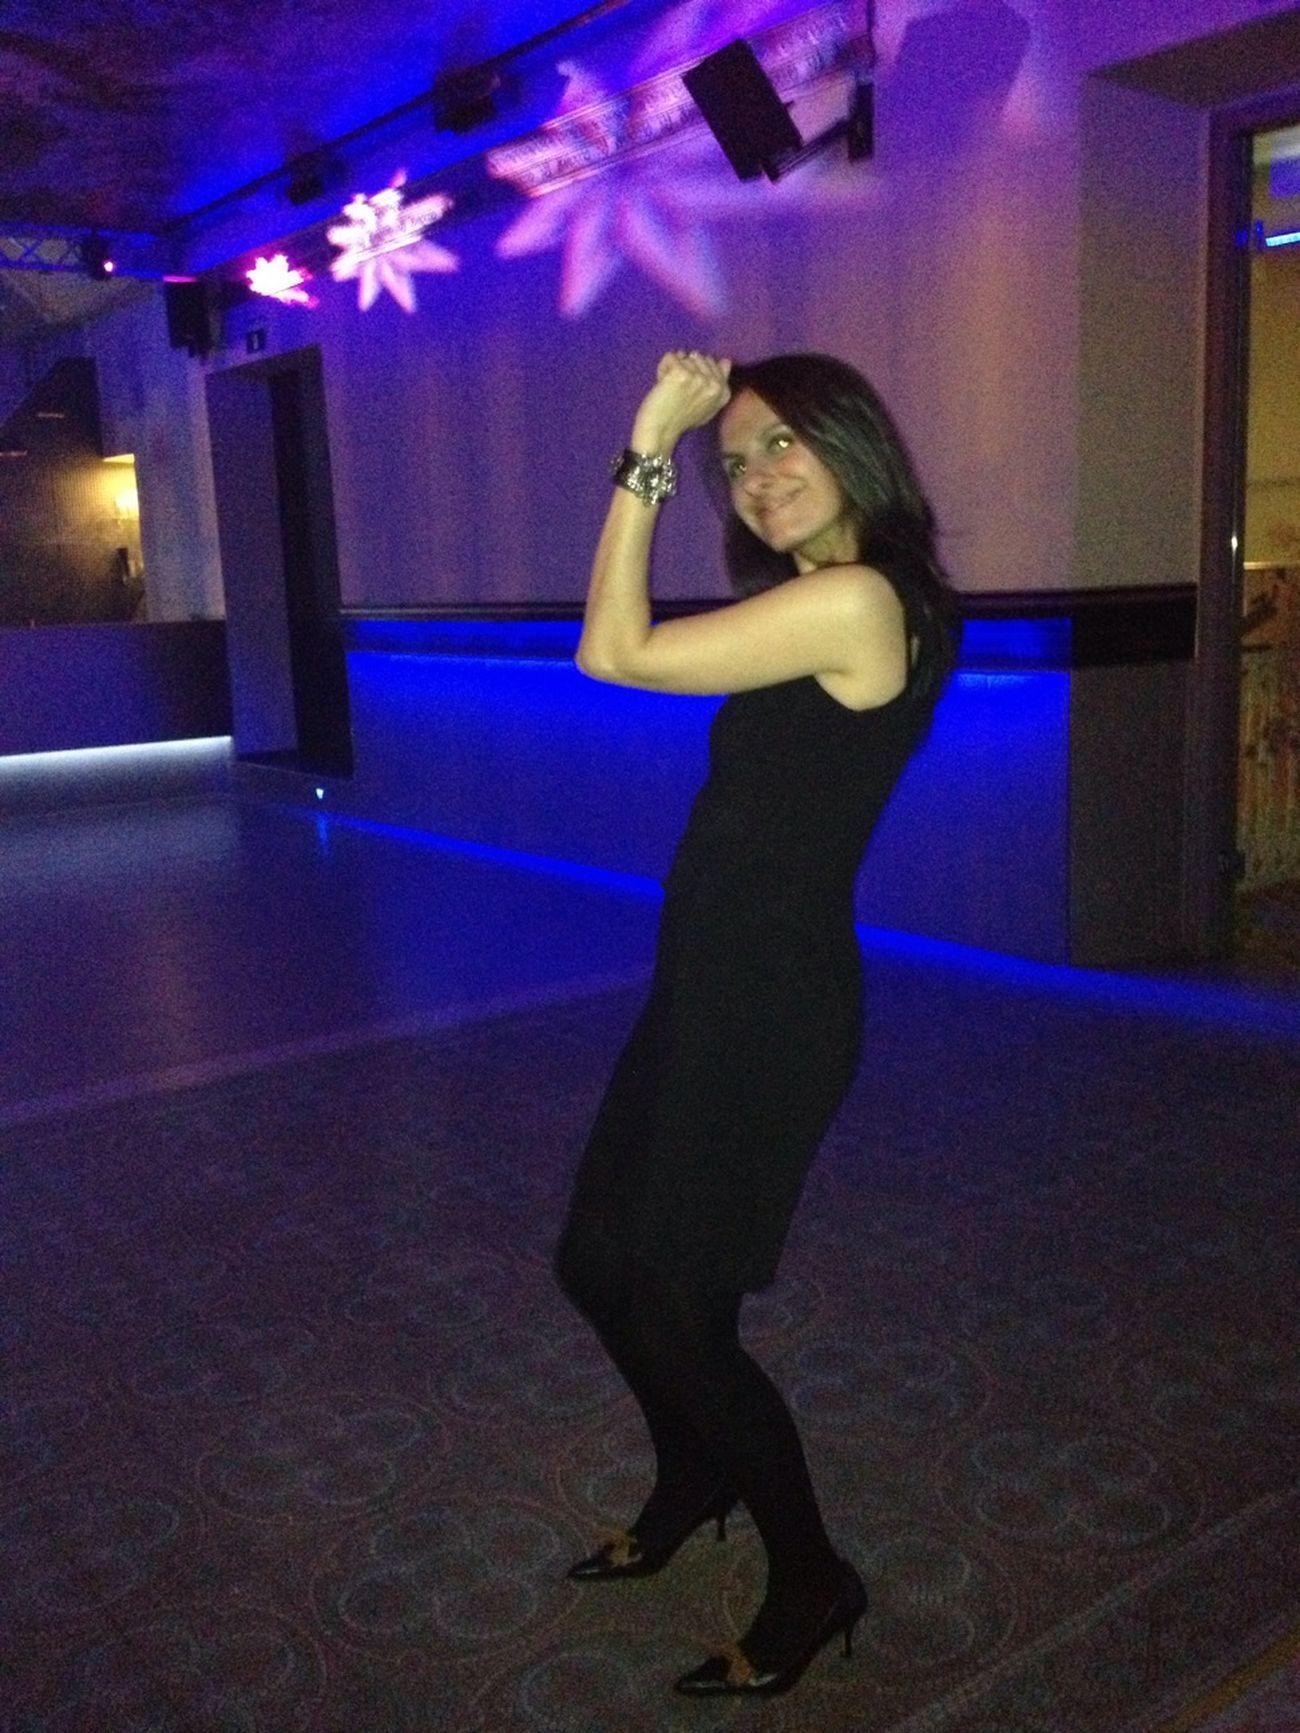 Bailando, me paso el día bailando ;)